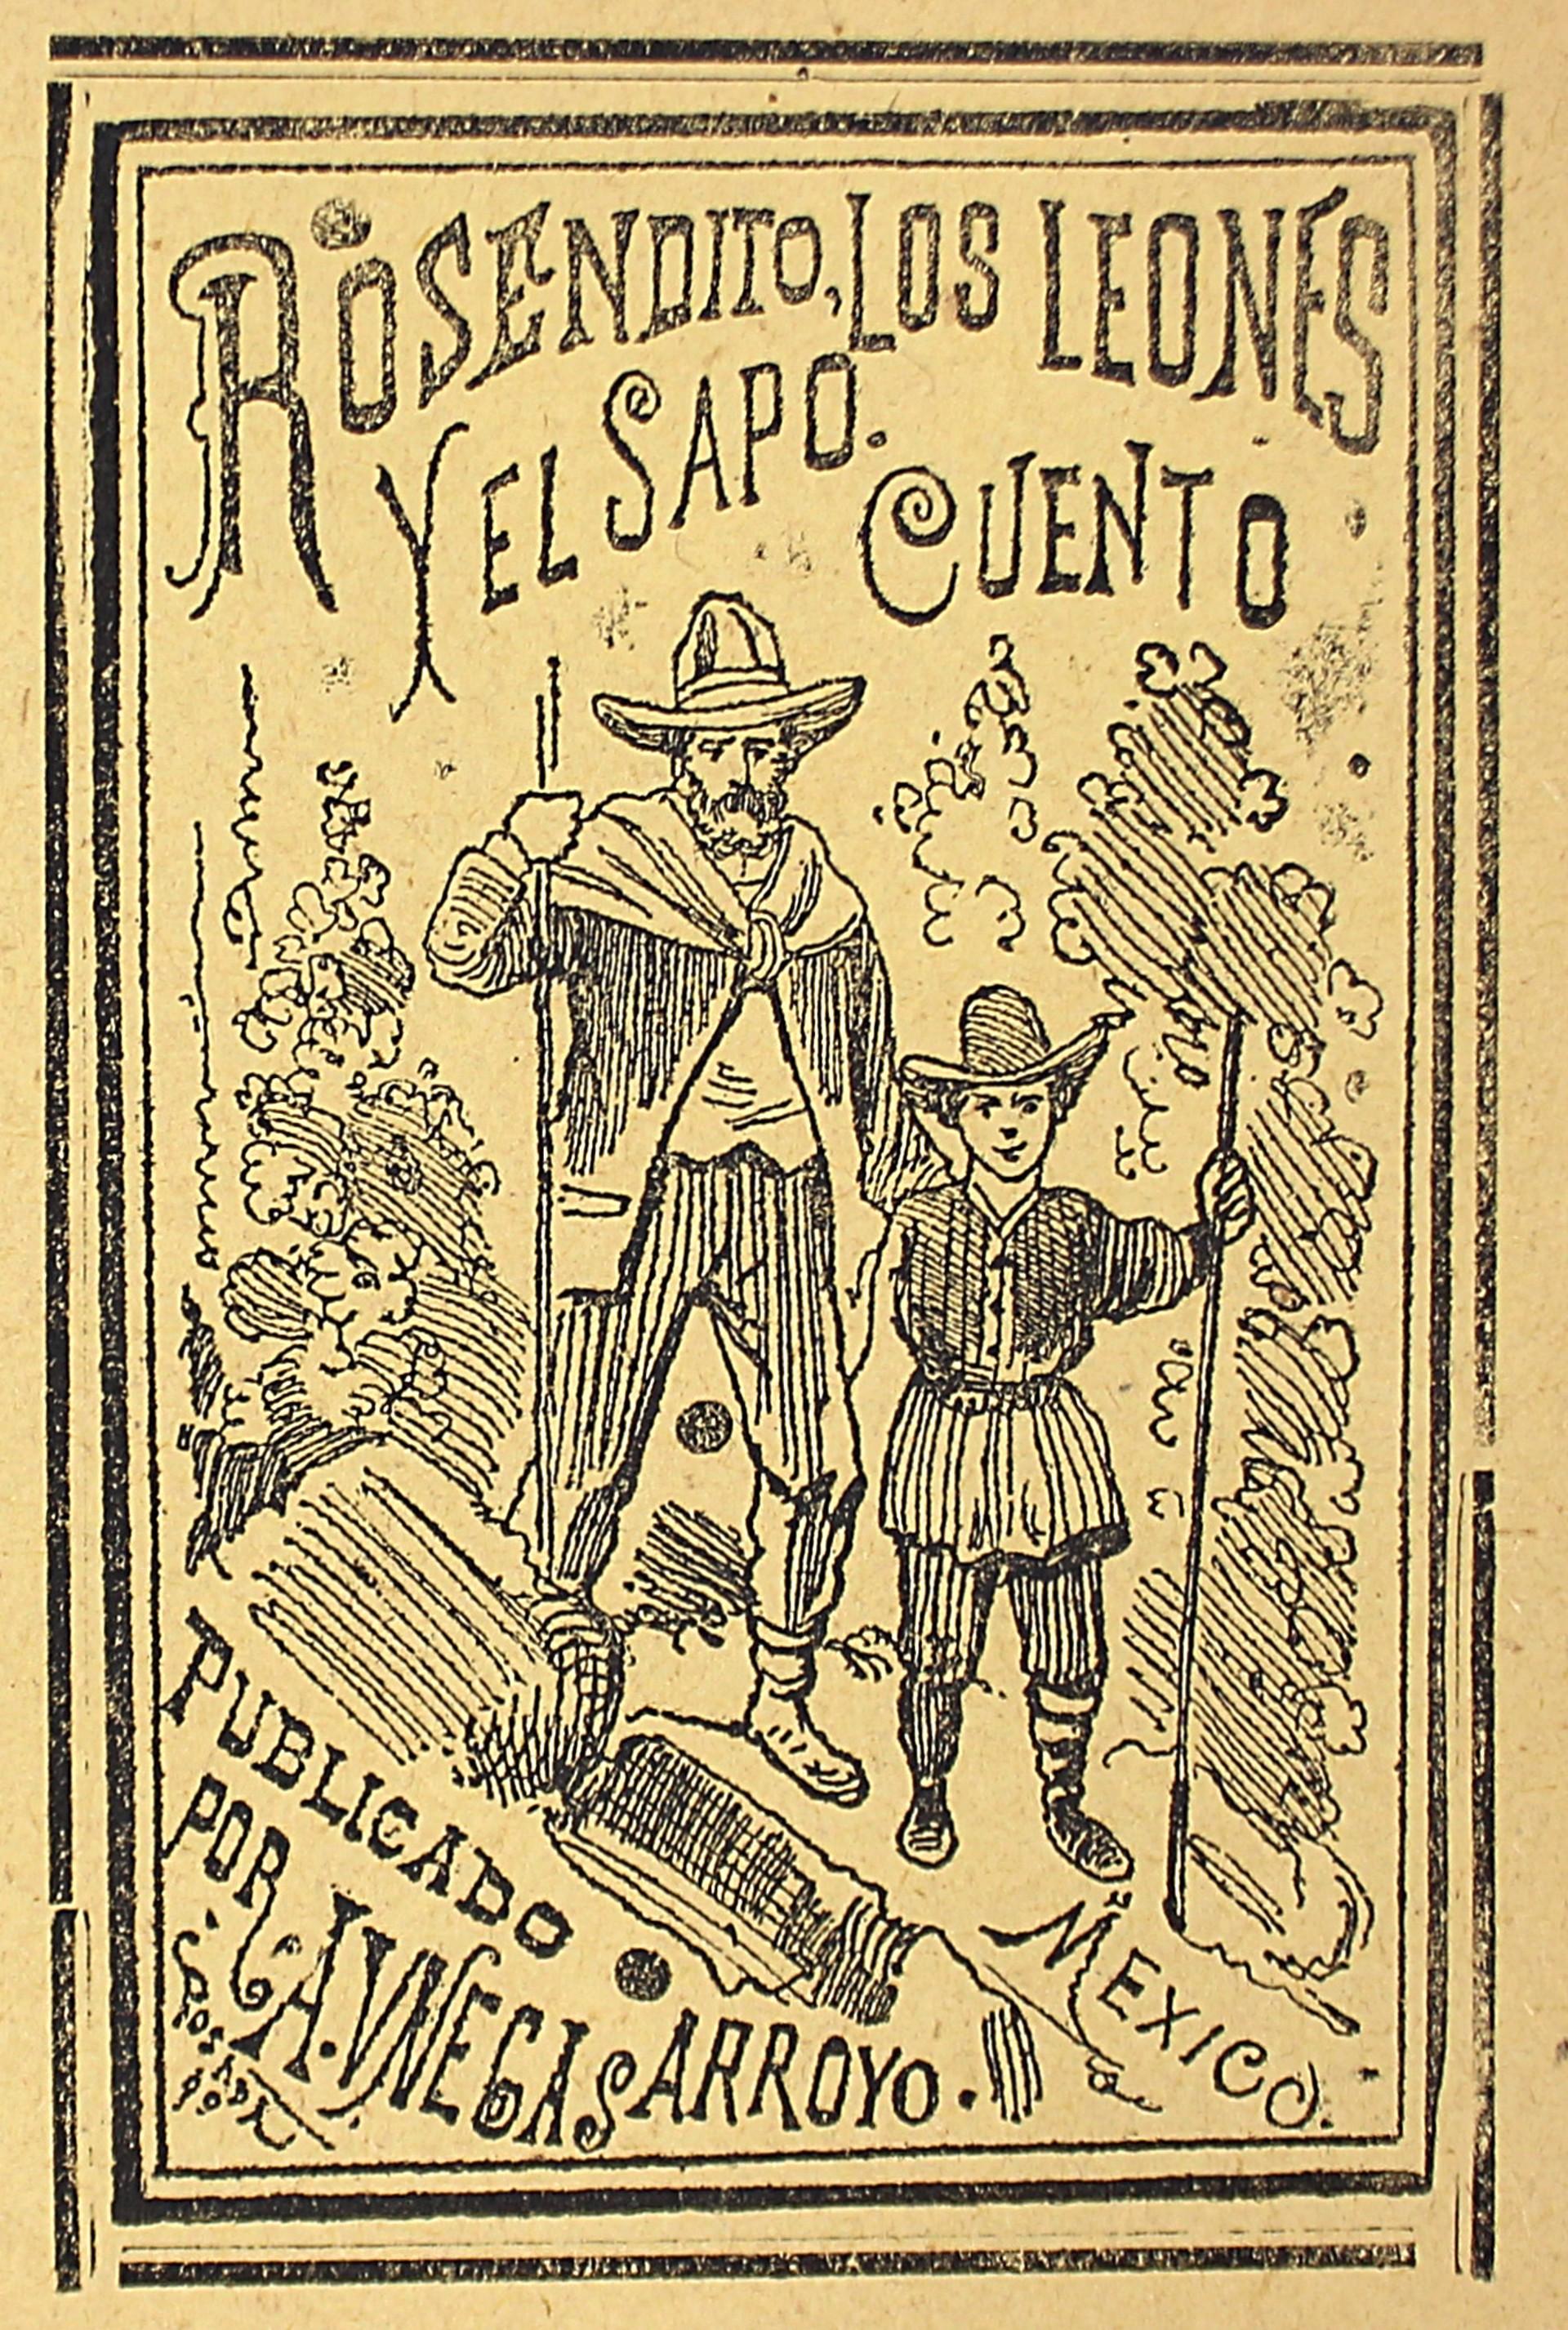 Rosendito, Los Leones Y El Sapo by José Guadalupe Posada (1852 - 1913)